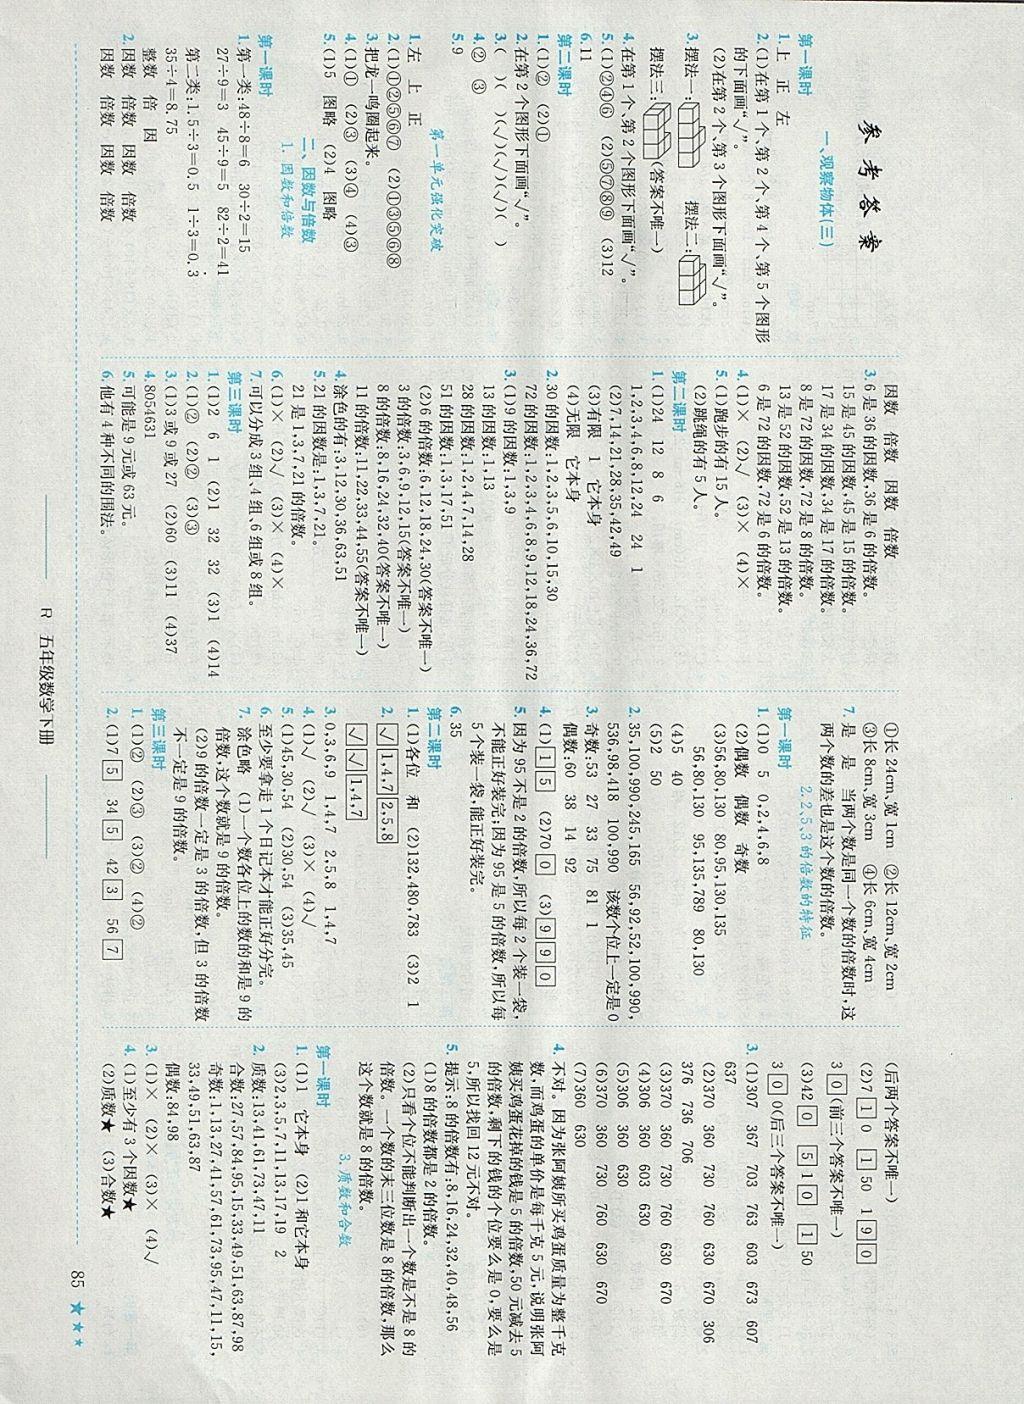 2018年黄冈小状元作业本五年级数学下册人教版山东专版参考答案第1页